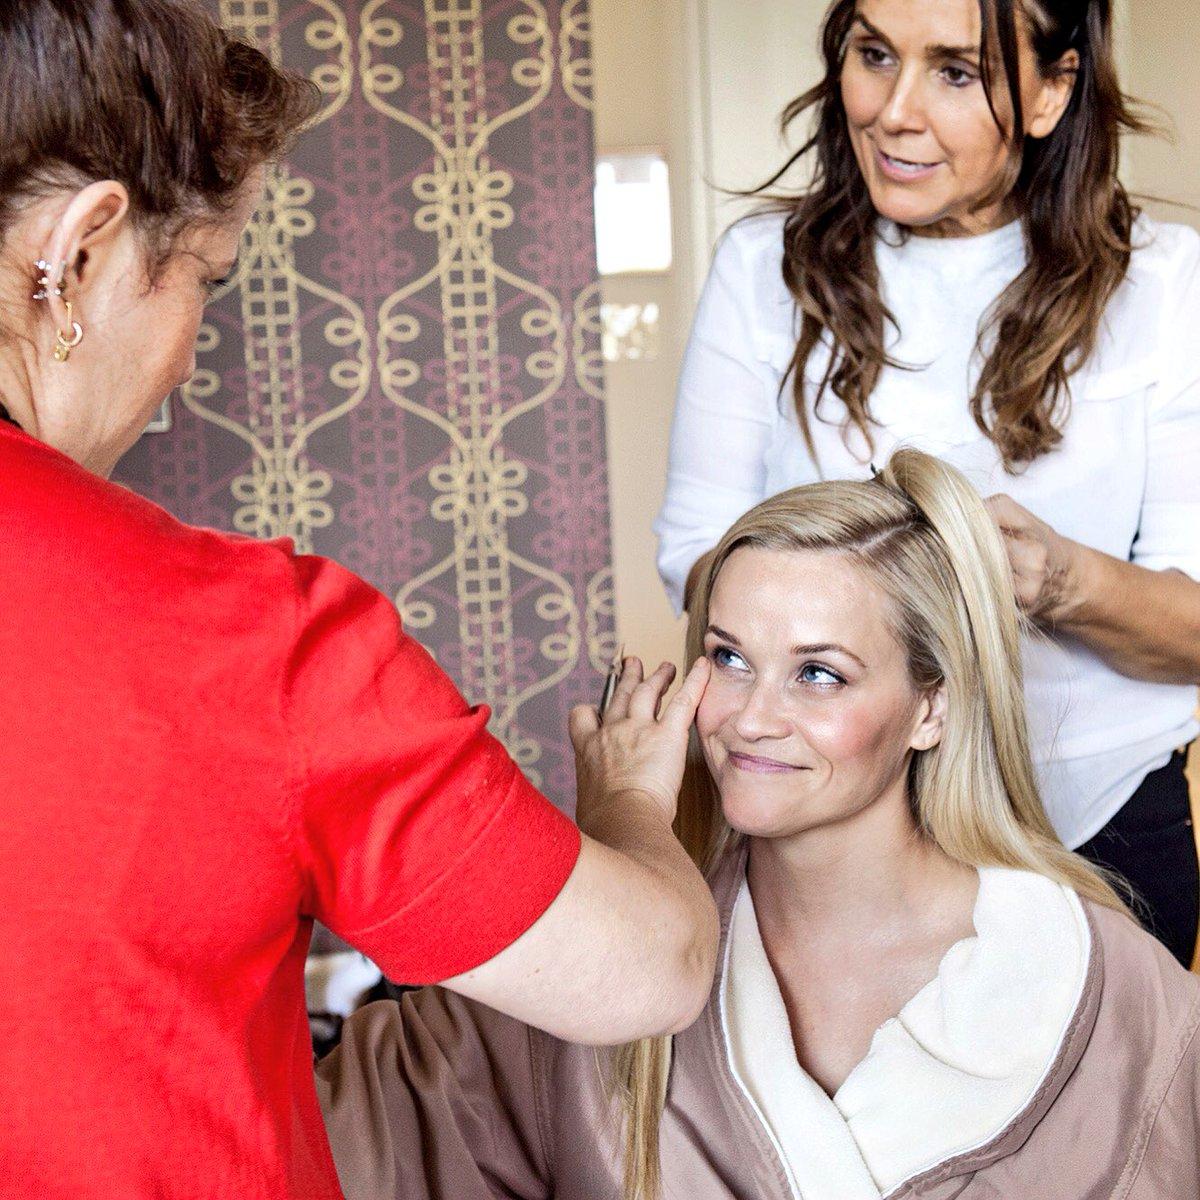 #Countdown... 😘 #Oscars #Prep #BeautySquad @MrsByMrs @LonaVigi https://t.co/mLo4dKELmY